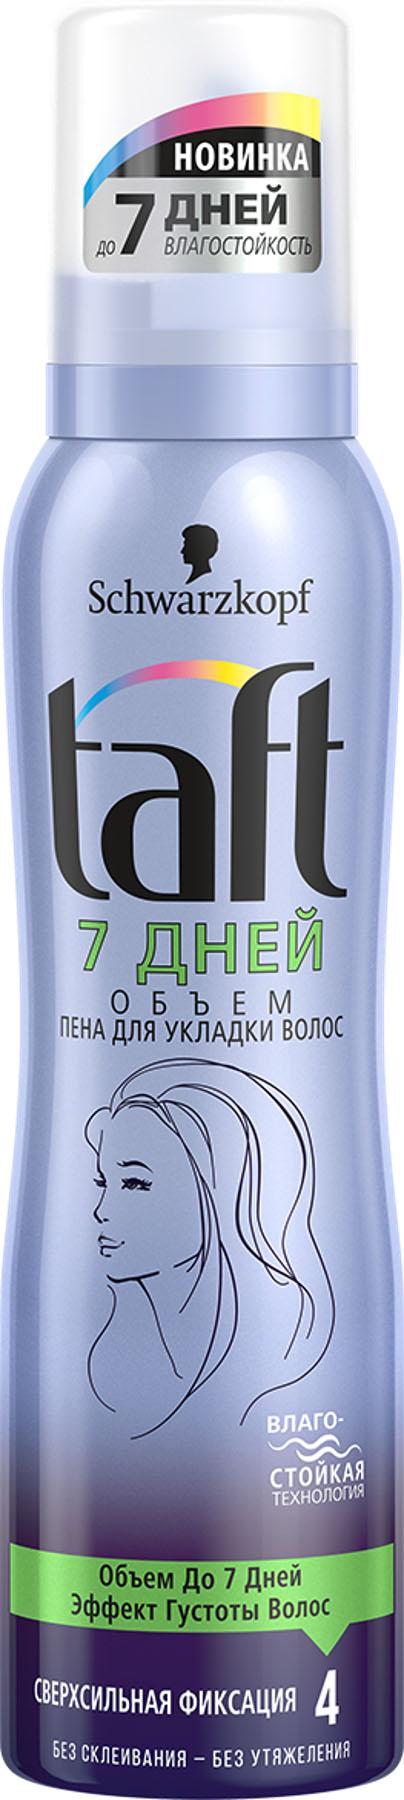 Taft Пена для укладки 7 Дней Объем сверхсильная фиксация, 150 мл2277348СТОЙКИЙ ОБЪЕМ - СВЕРХСИЛЬНАЯ ФИКСАЦИЯ Революционная* формула Taft 7 Дней Объем с влагостойкой технологией уплотняет и придает волосам объем на срок до 7 дней даже после нескольких раз мытья волос. • Без склеивания, без следов. • Помогает защитить волосы от пересушивания.